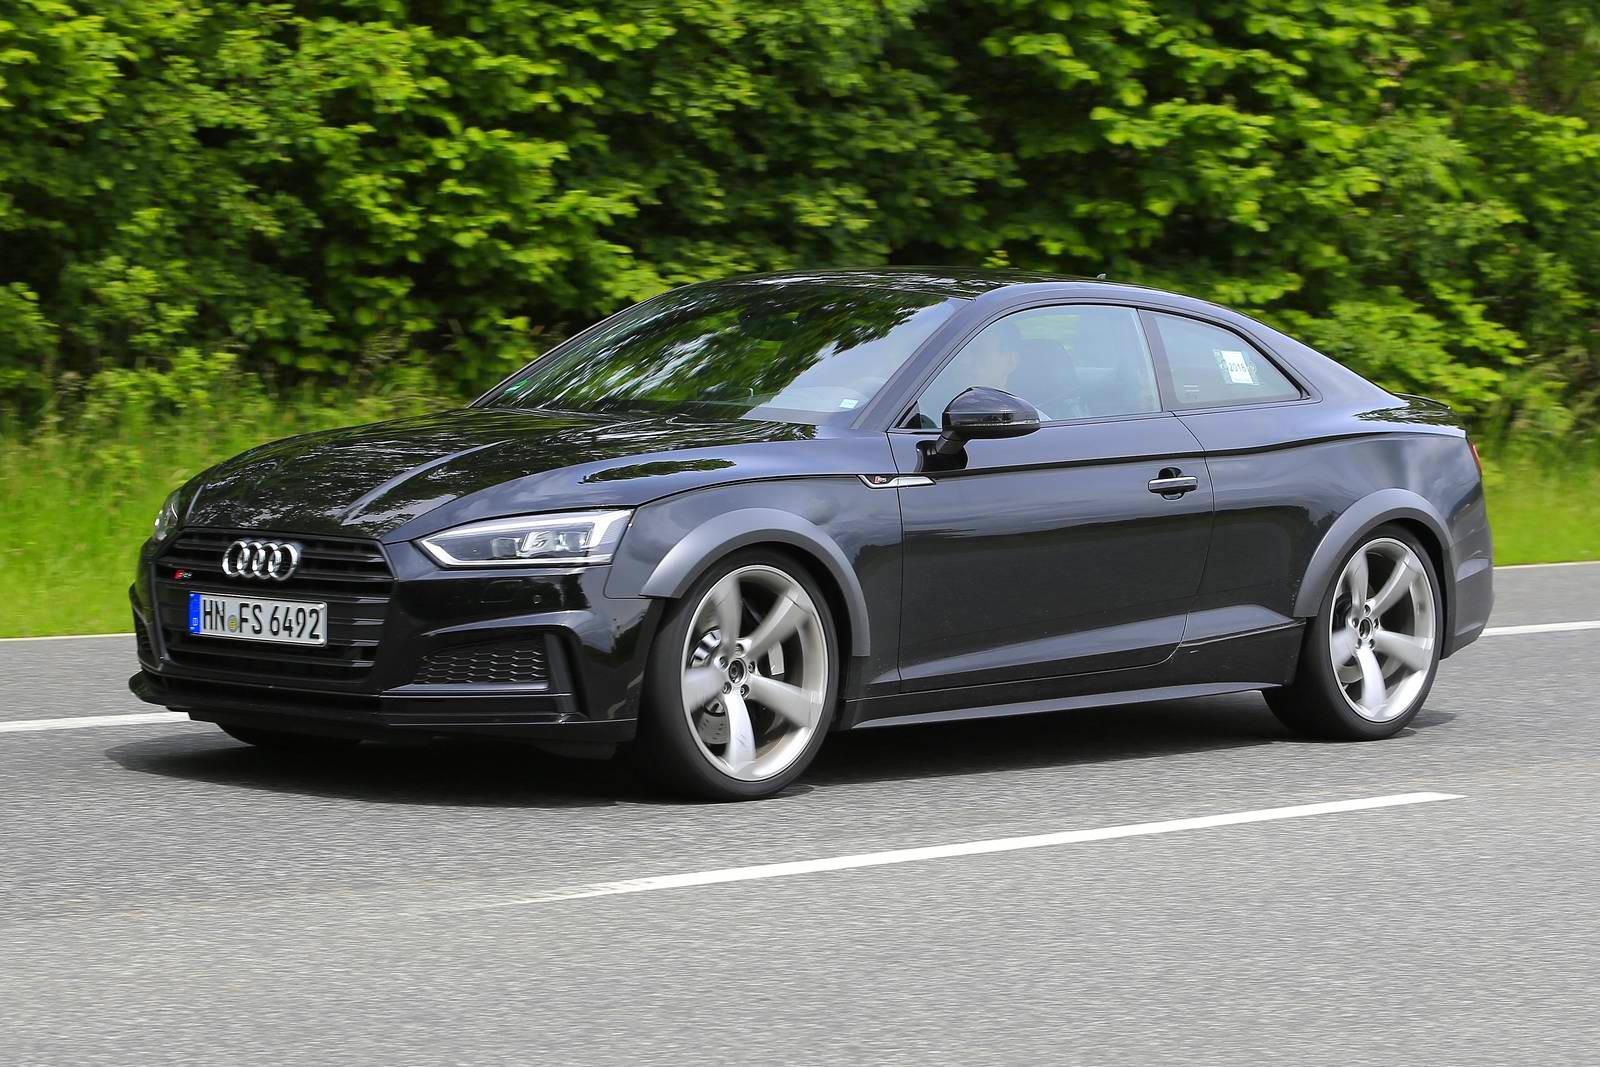 Spiunohet gjatë procesit të testimit Audi RS5 që lansohet më 2018 foto 3